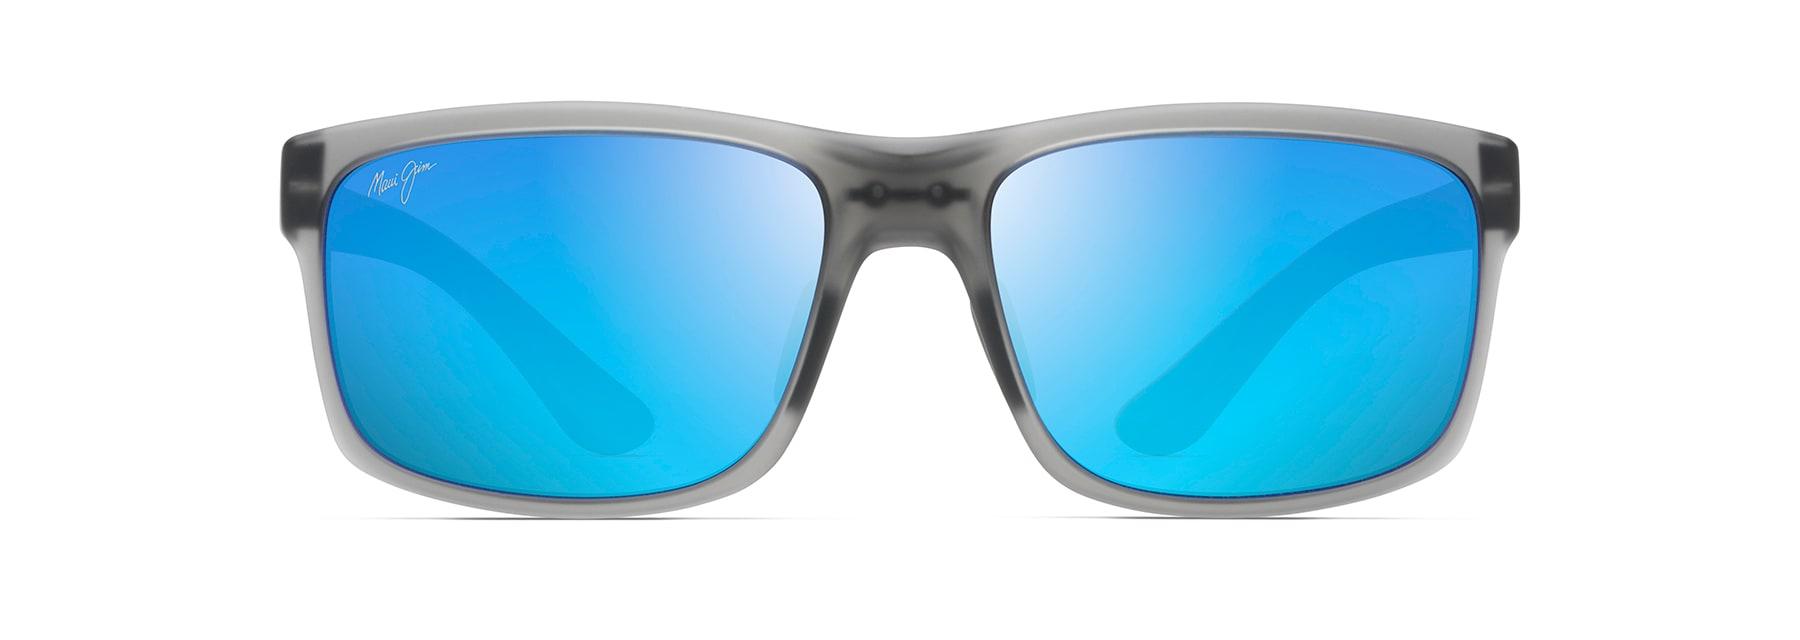 753f89017b Pokowai Arch Polarized Sunglasses